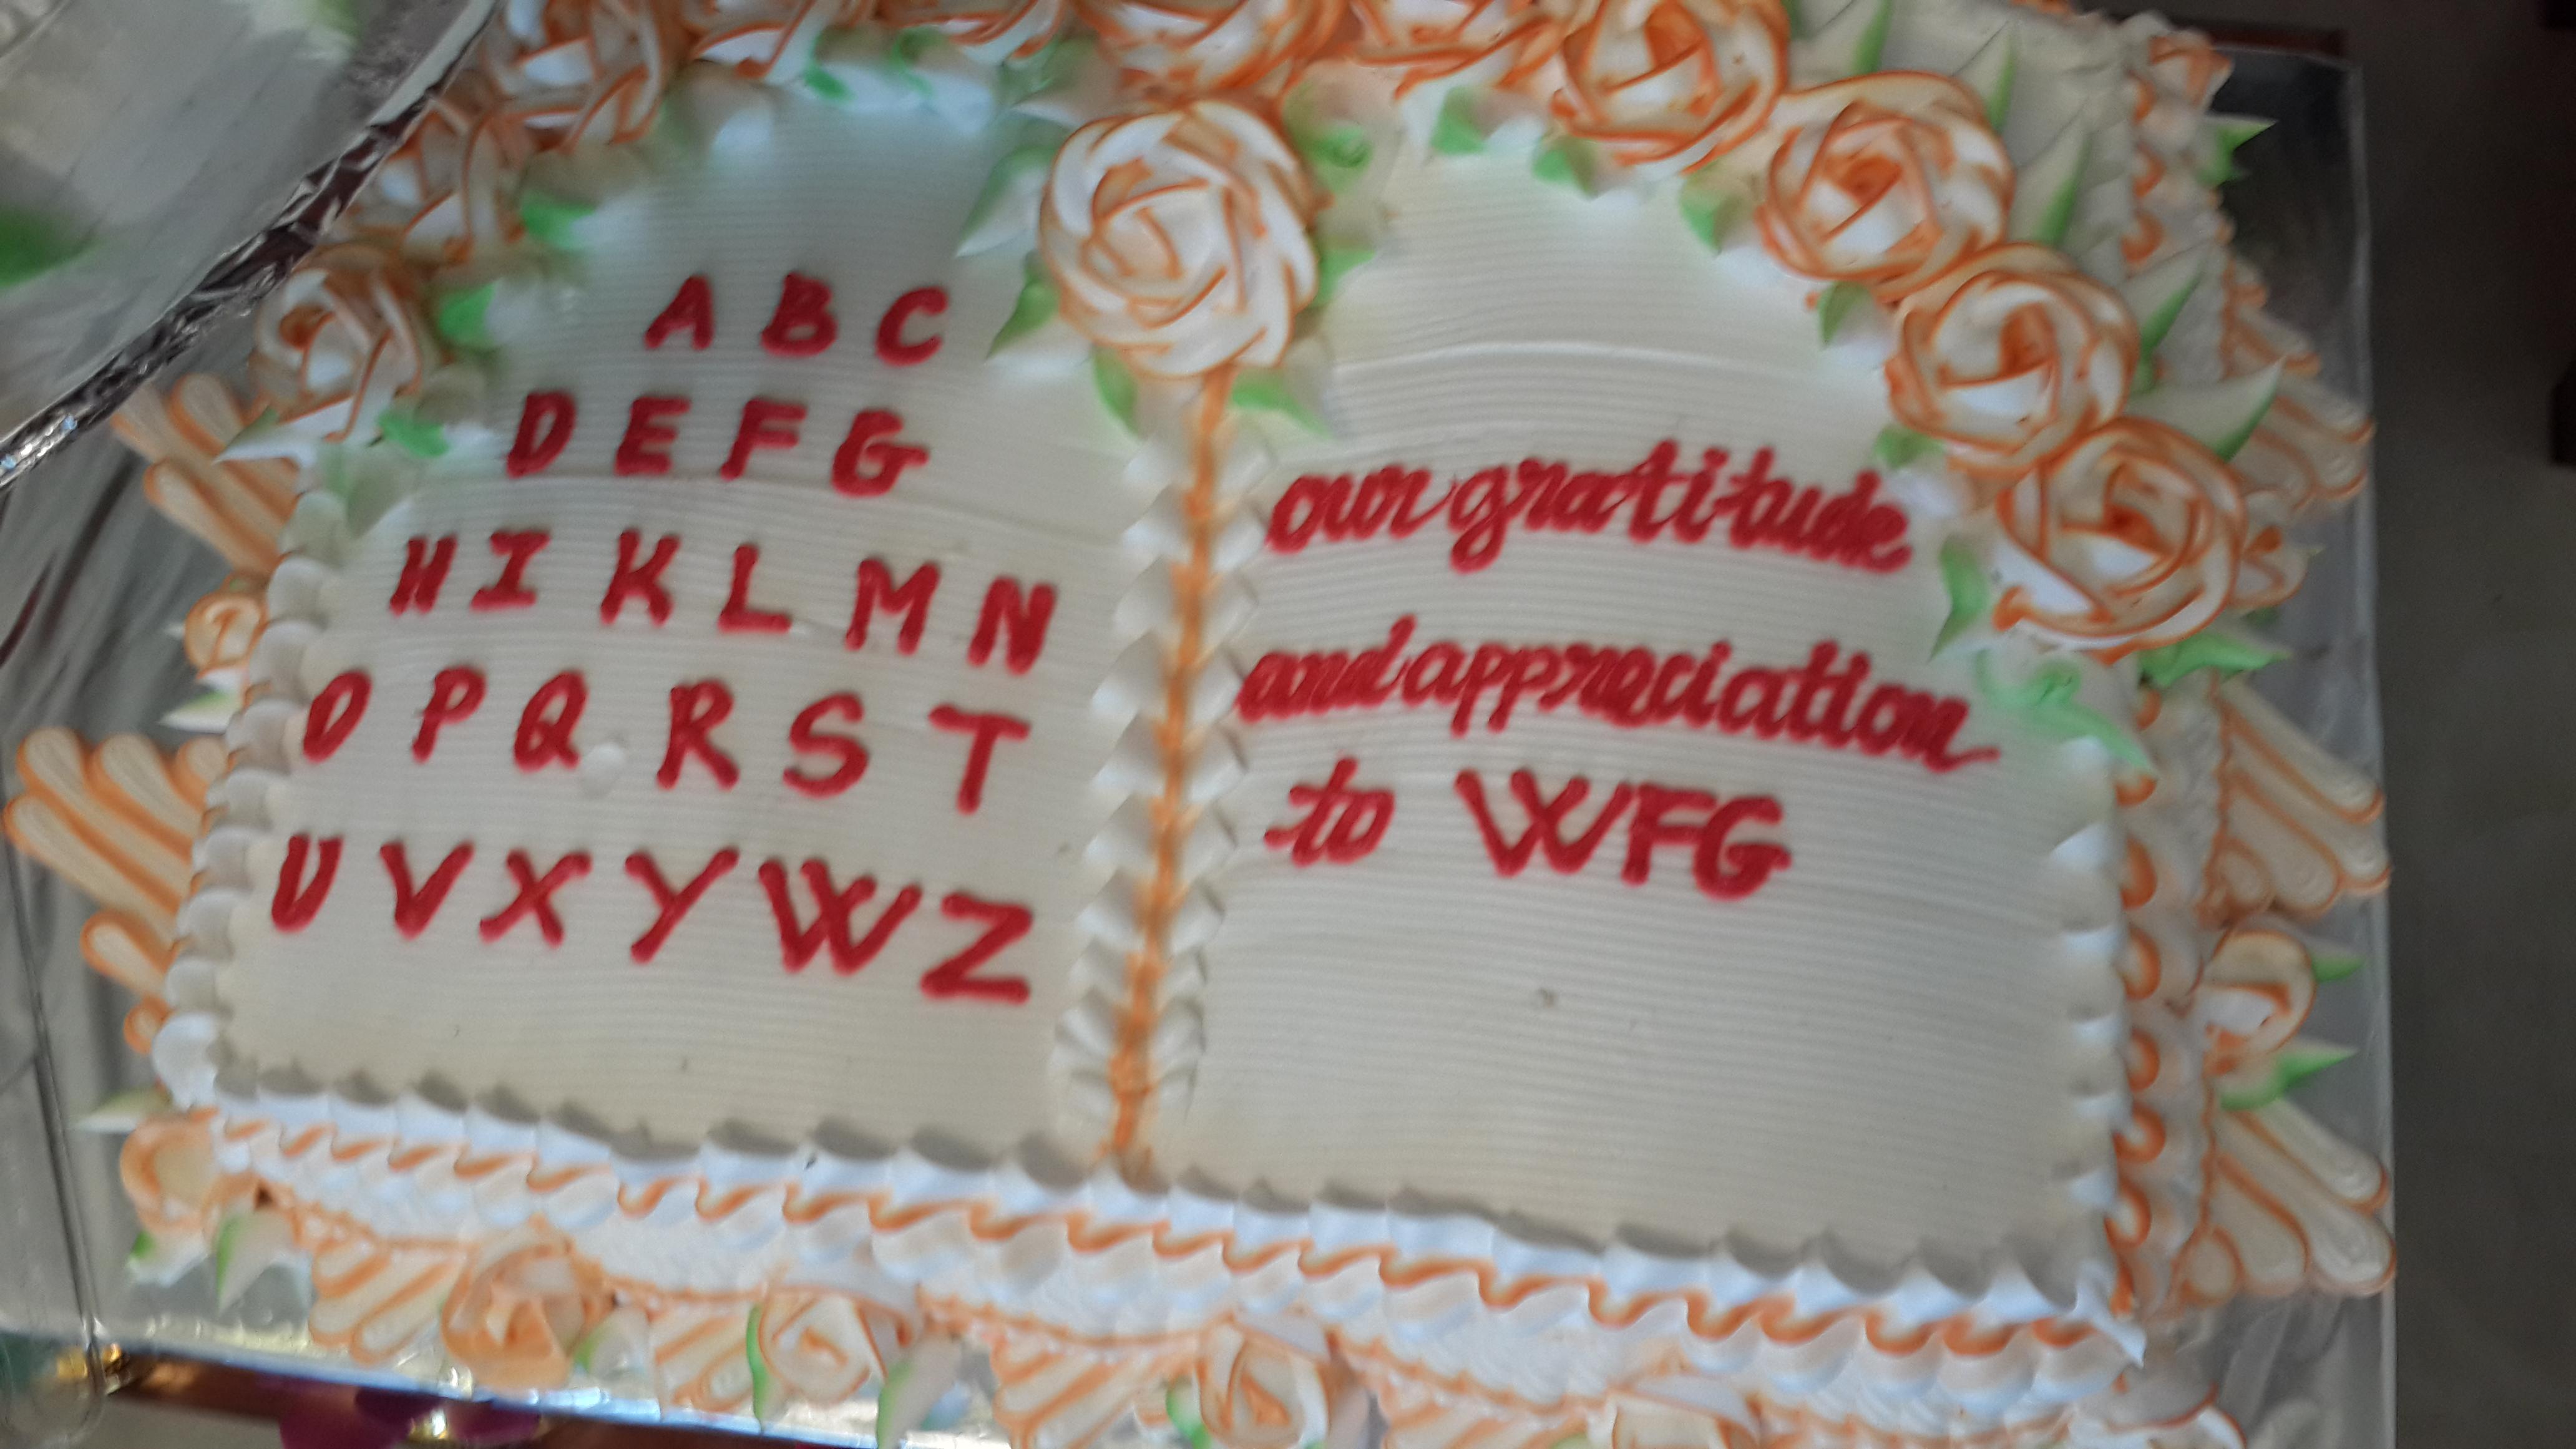 Symbolic cake of students' education